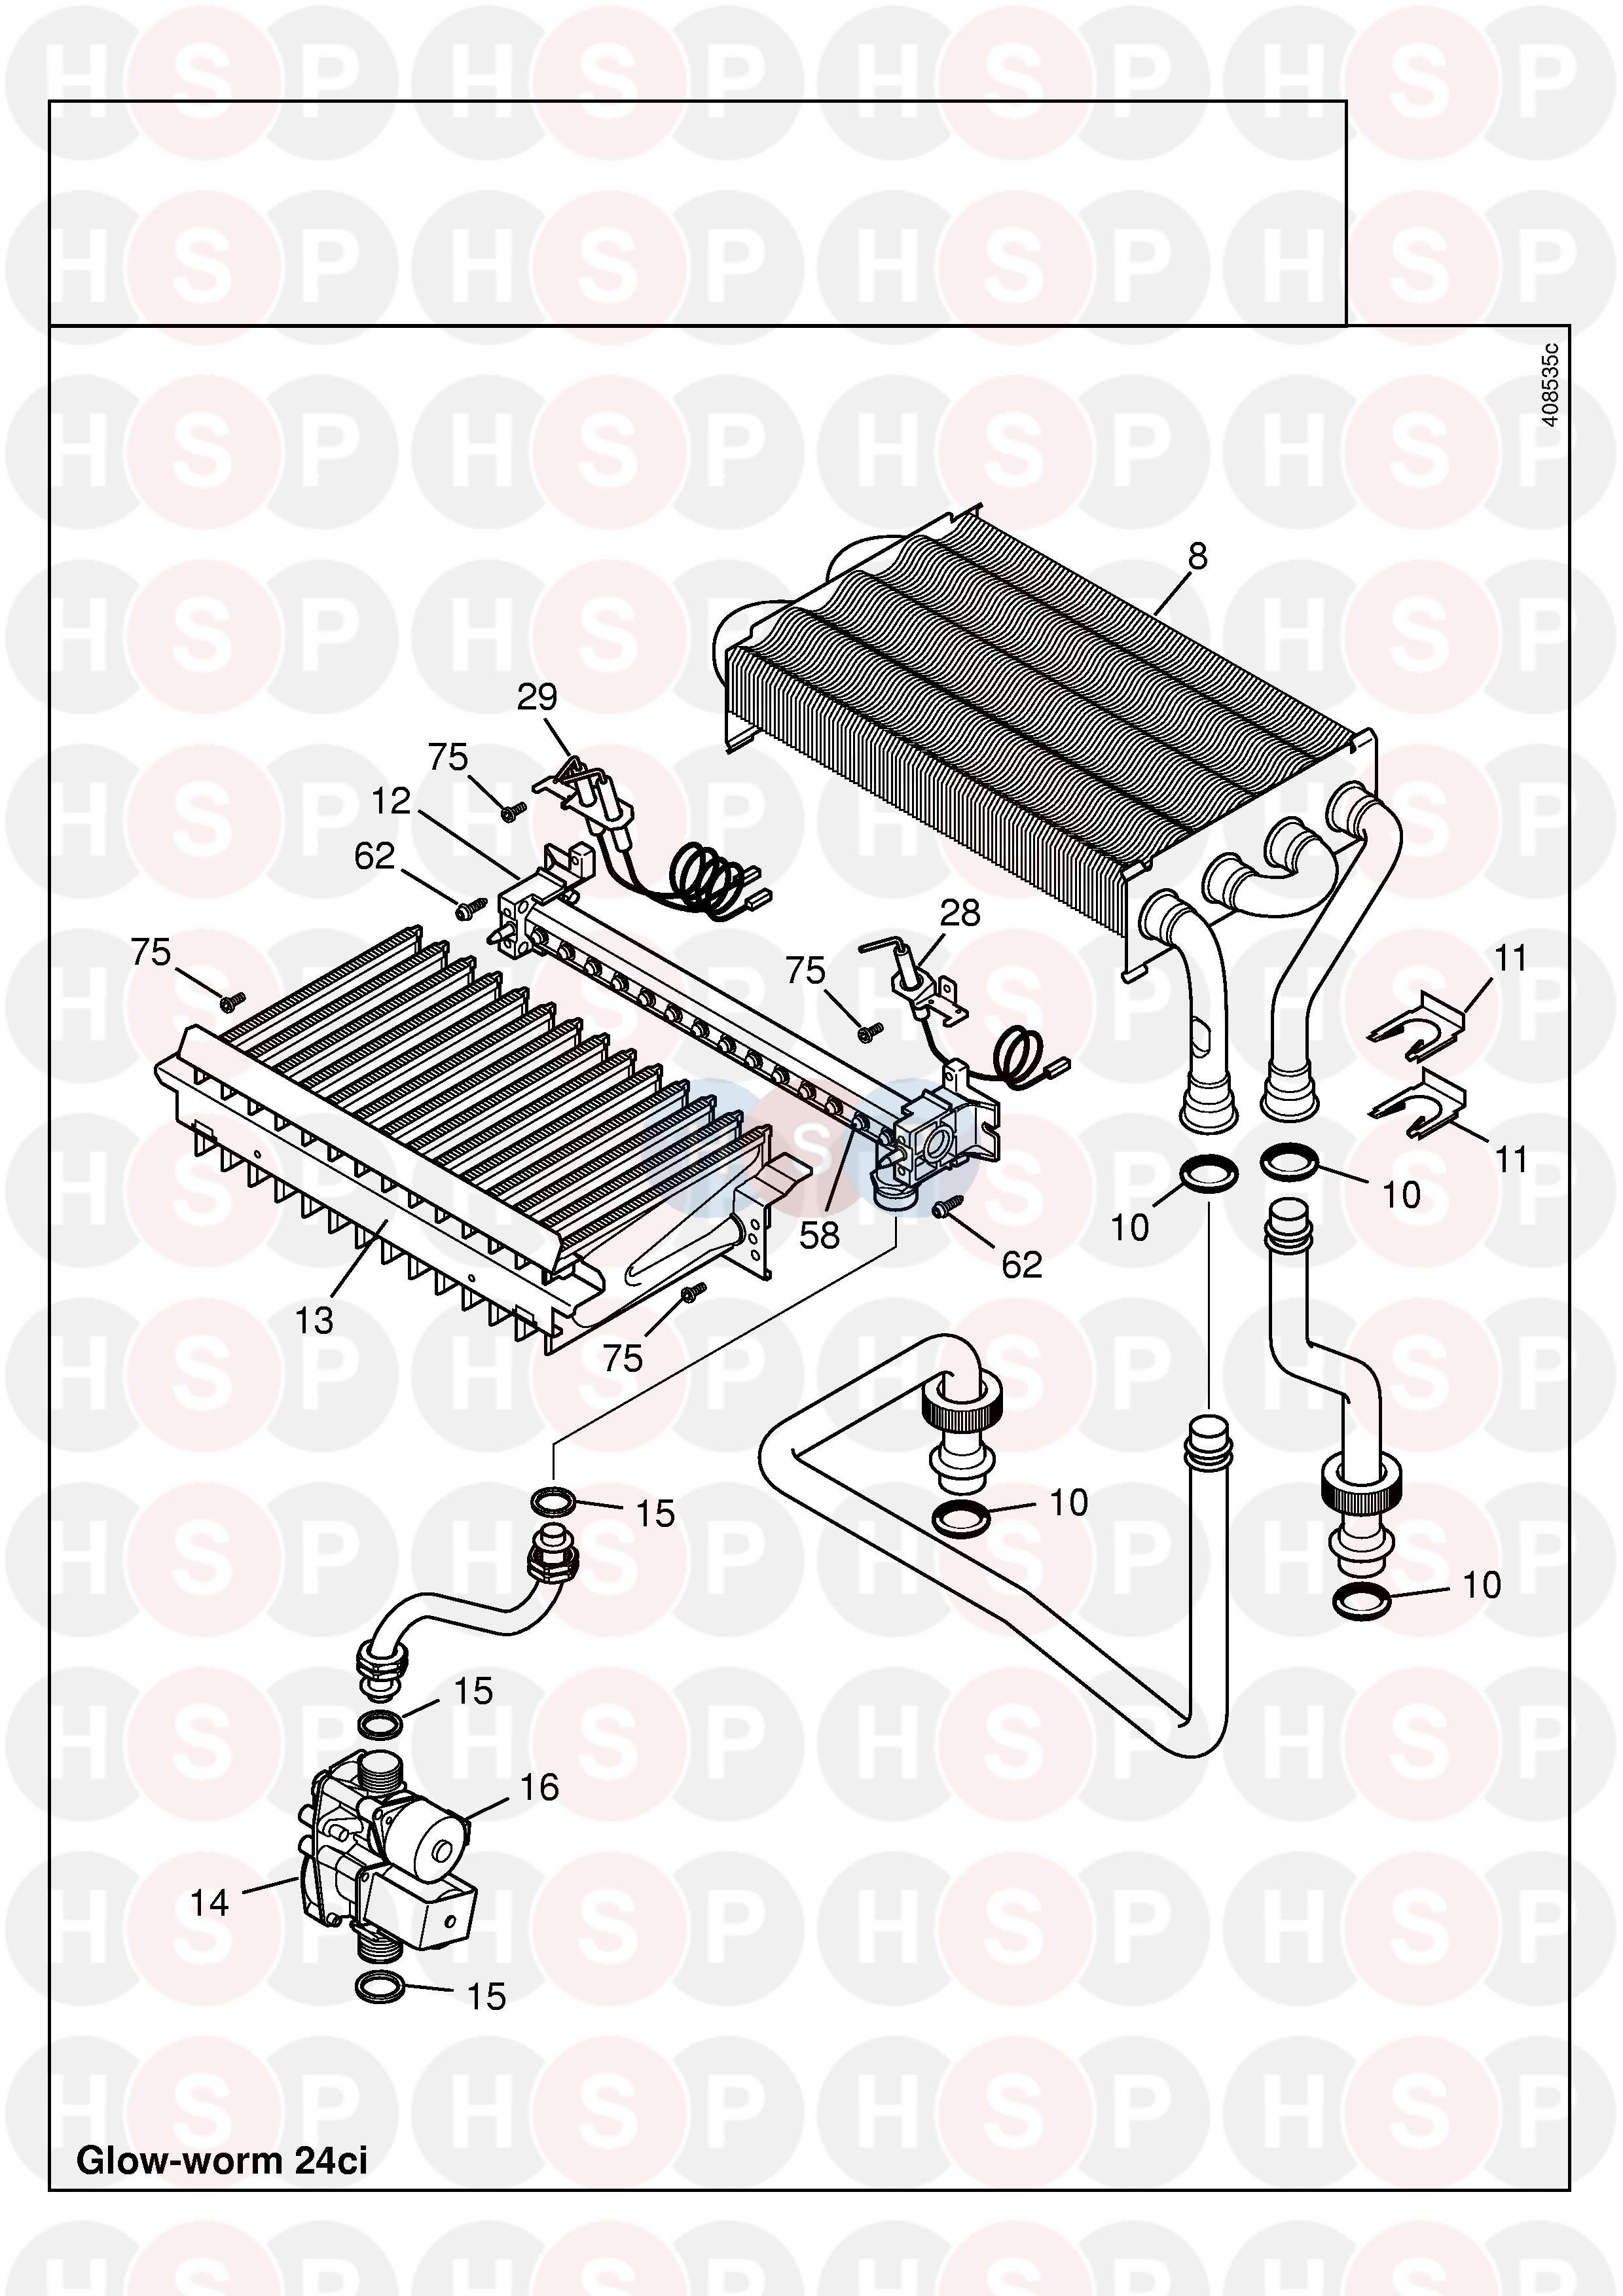 Glowworm GLOWWORM 24CI (HEAT EXCHANGER) Diagram | Heating Spare Parts